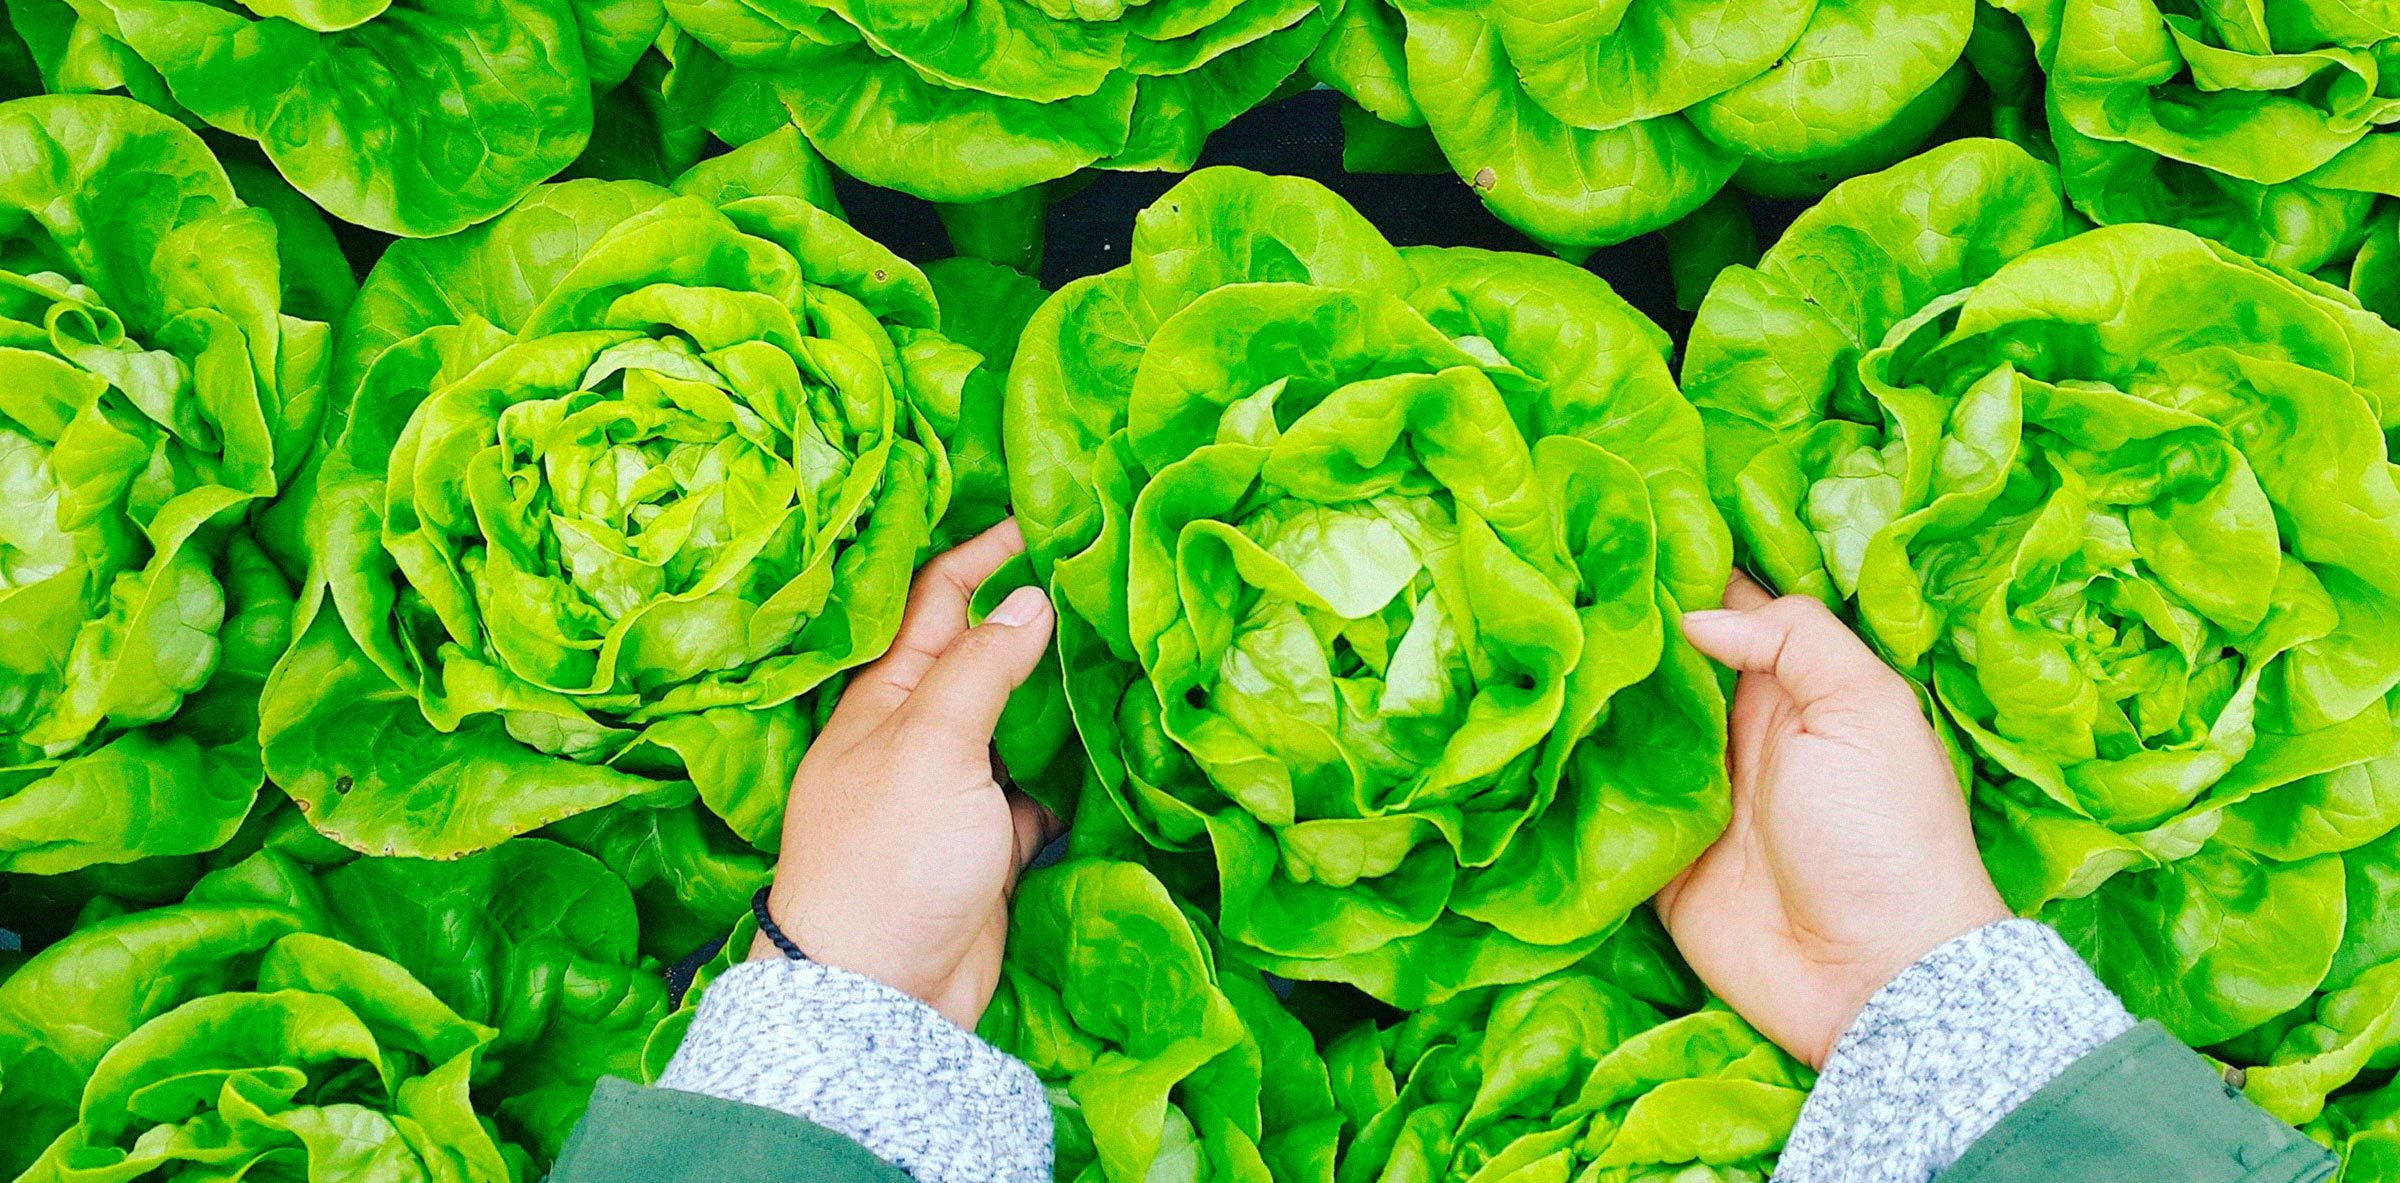 lechuga-mano-verde-alimentacion-salud-azti-2400x1183